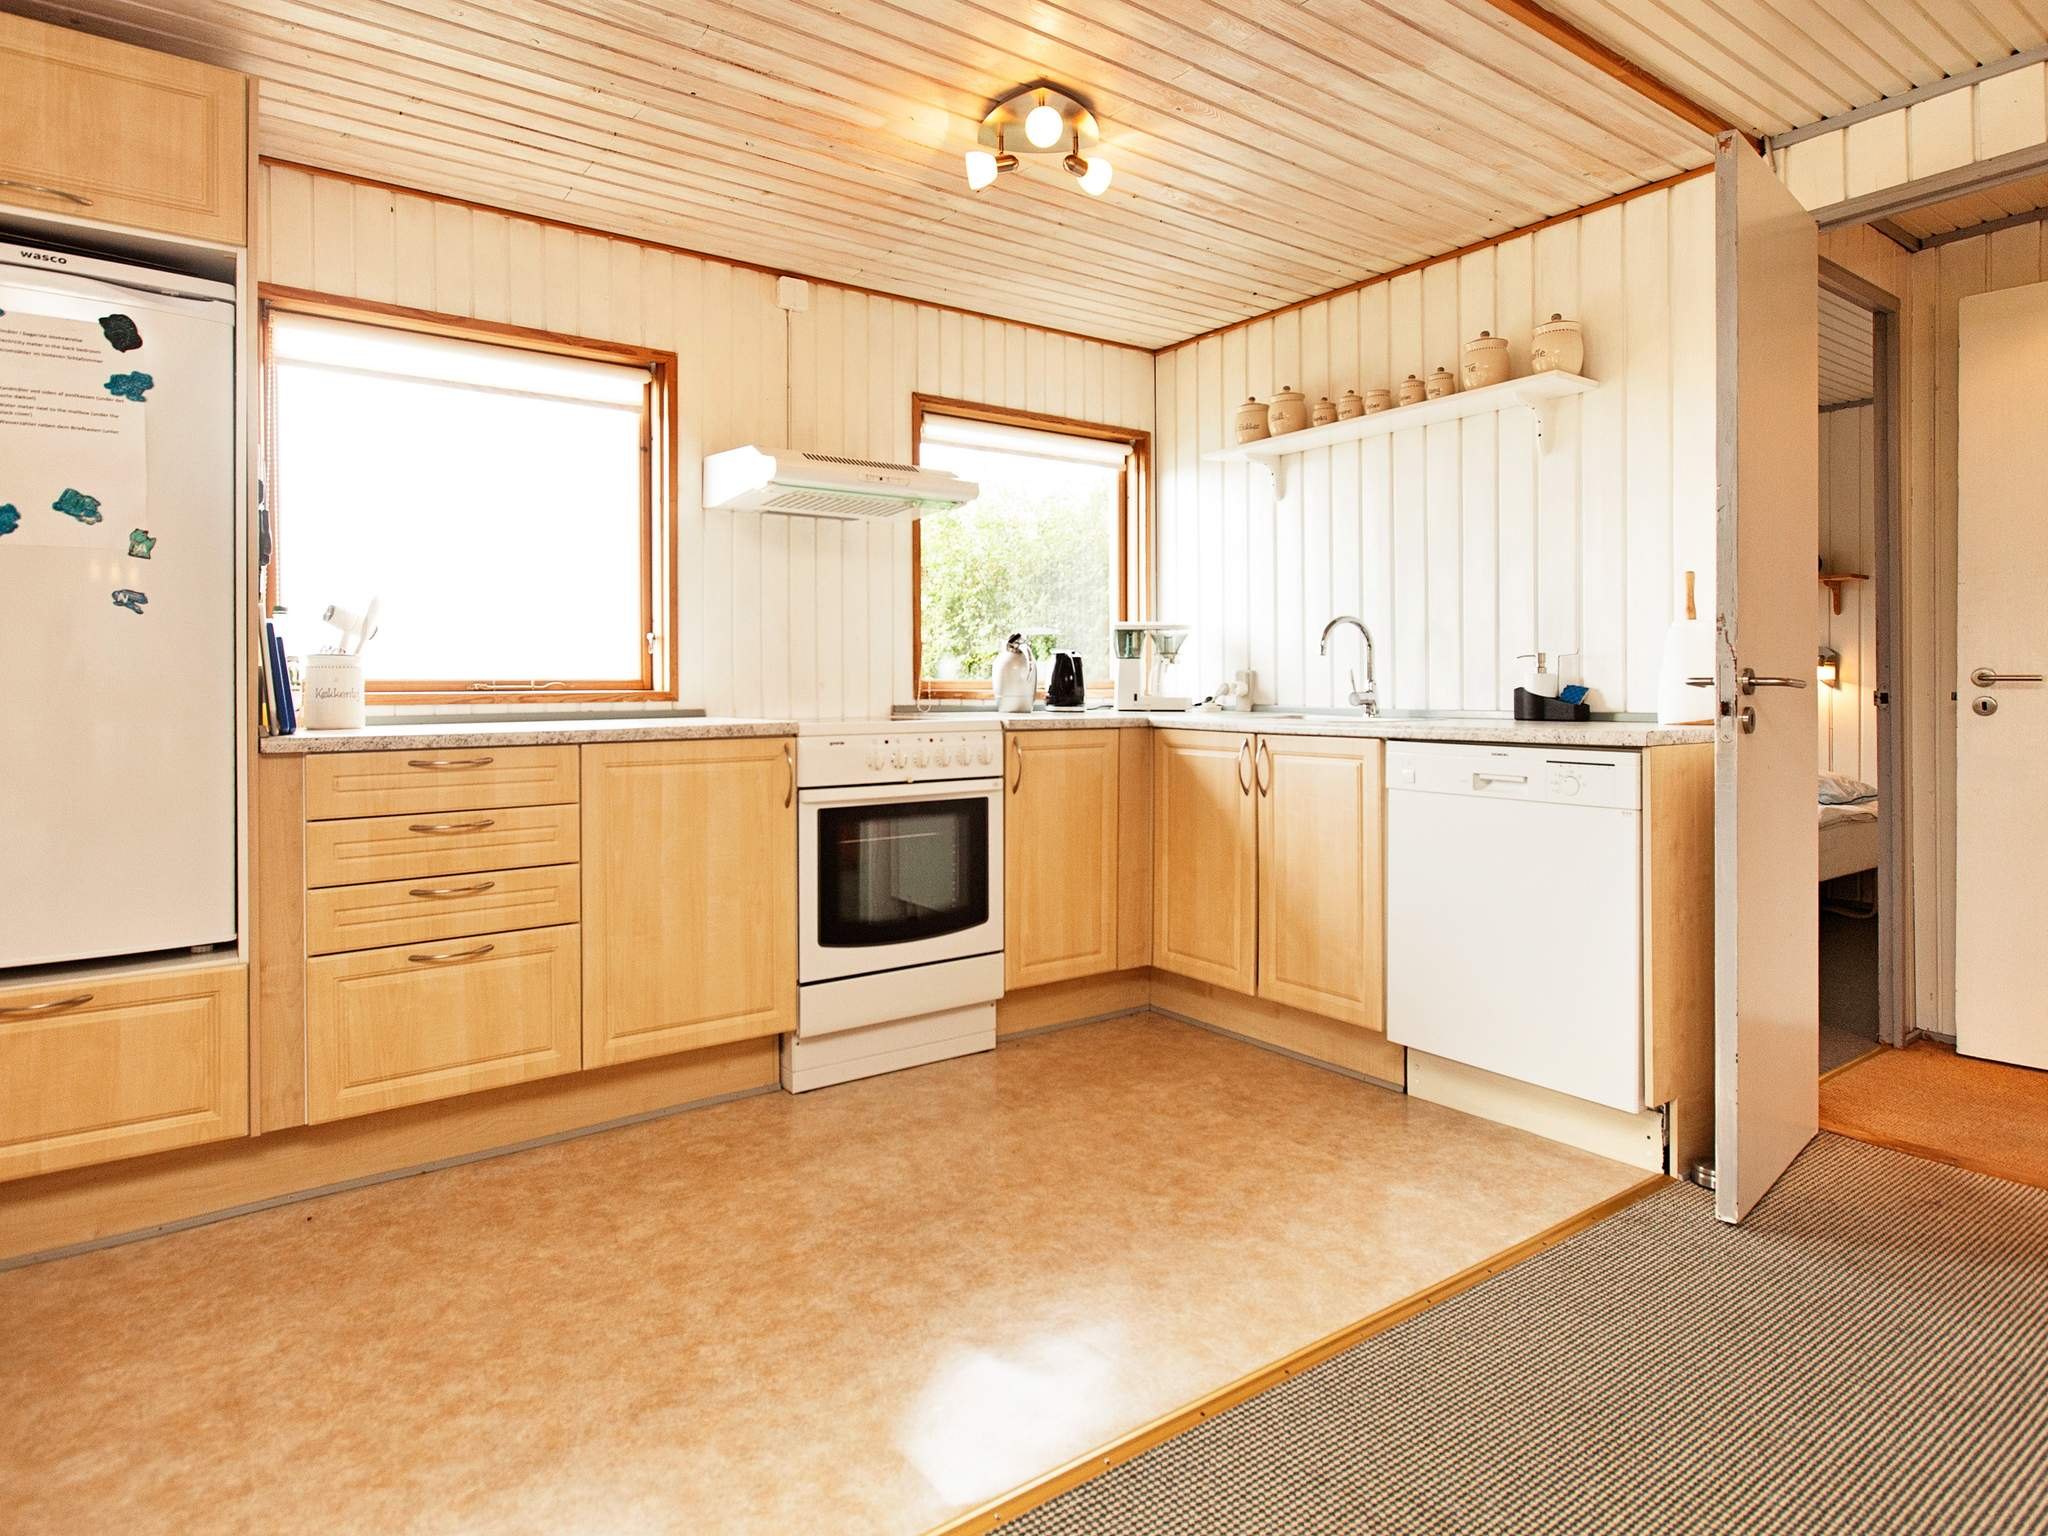 Ferienhaus Drøsselbjerg Strand (125252), Drøsselbjerg, , Westseeland, Dänemark, Bild 2